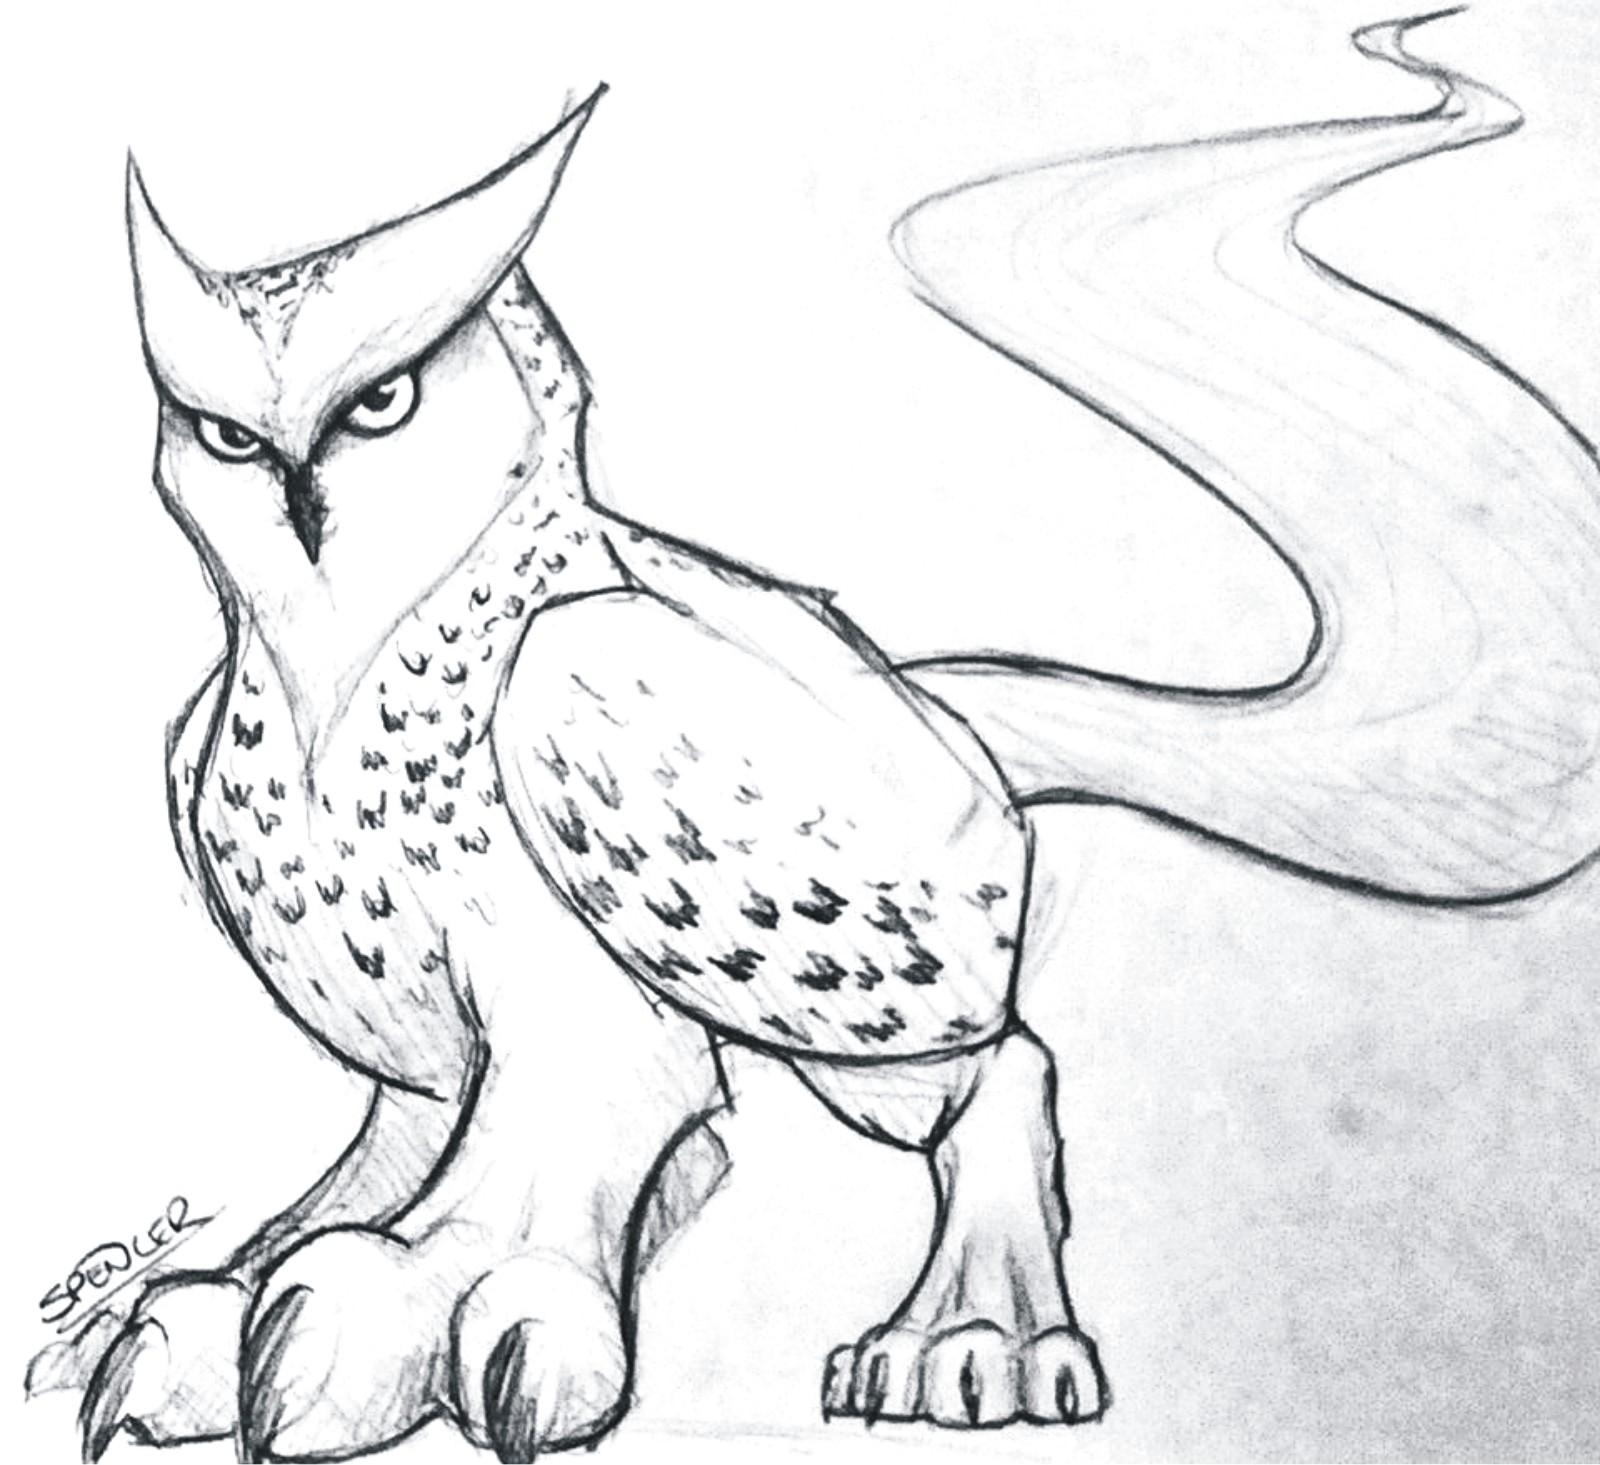 Spencer ford owlon